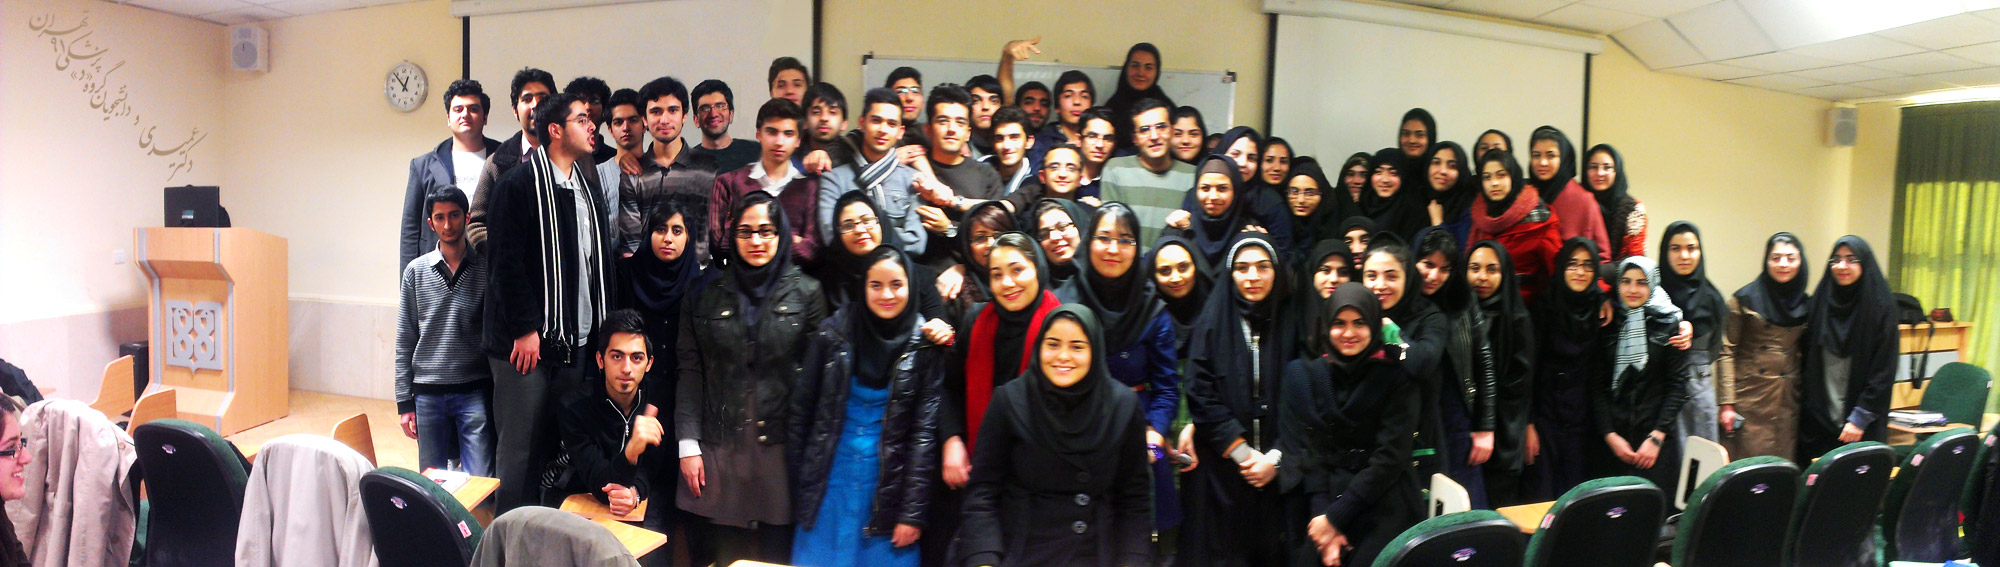 گروه تلگرام دانشجویان پزشکی تهران پزشکی تهران ورودی 91 گروه D